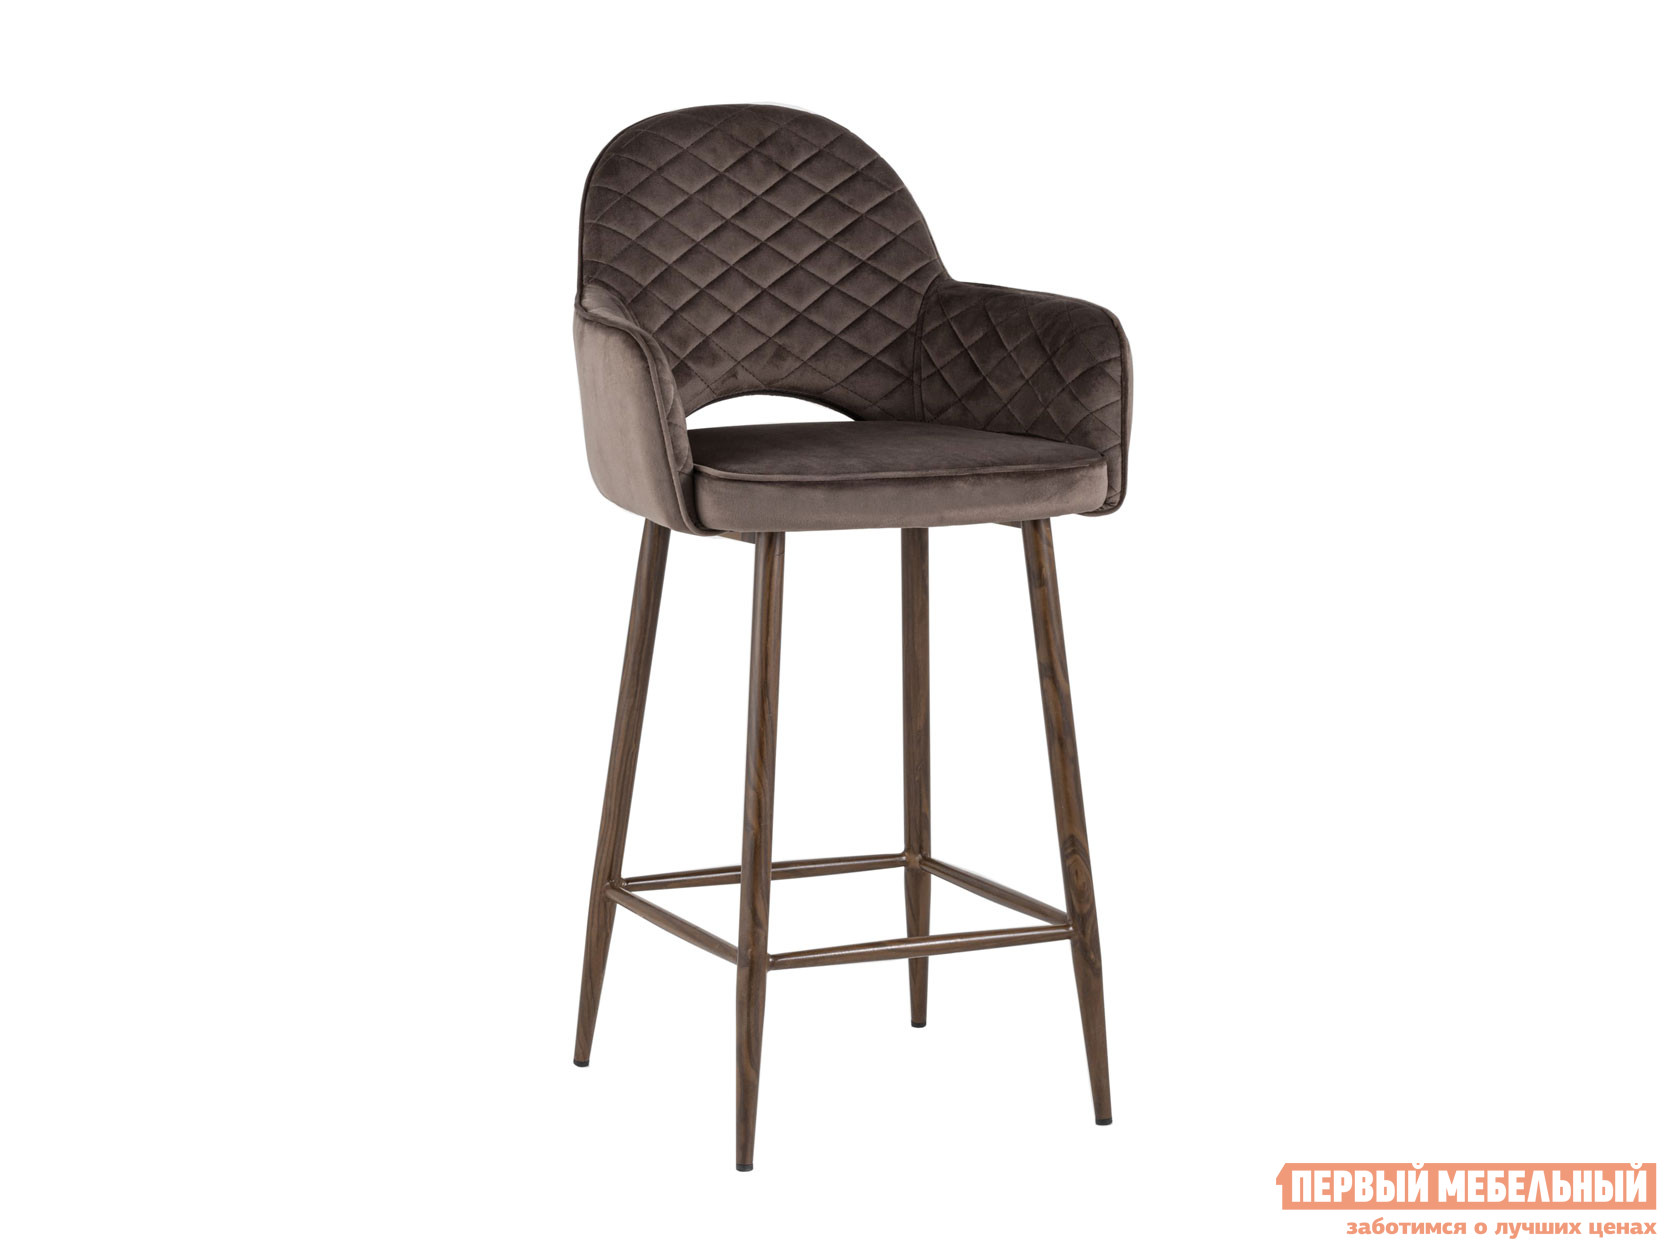 Барный стул  полубарный Венера Коричневый, велюр Stool Group 119938